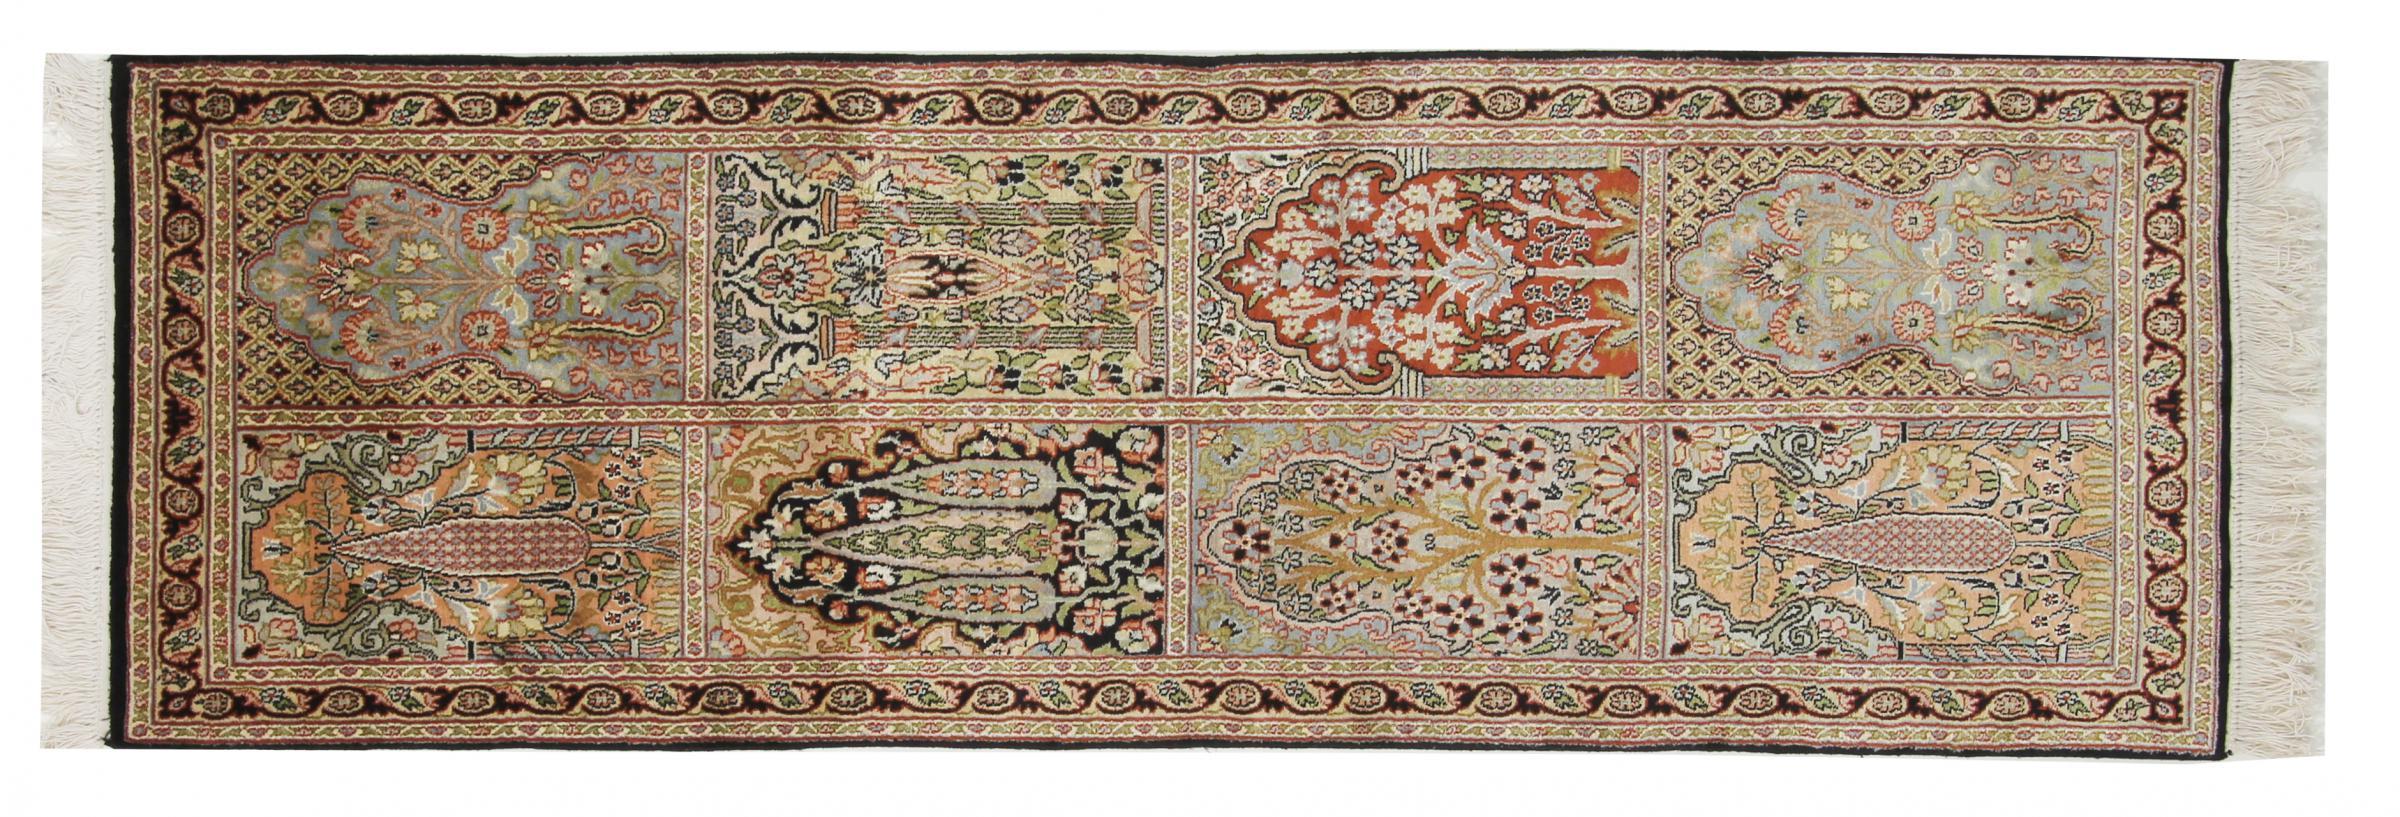 kaschmir reine seide indischer teppich 186x62 id33290. Black Bedroom Furniture Sets. Home Design Ideas